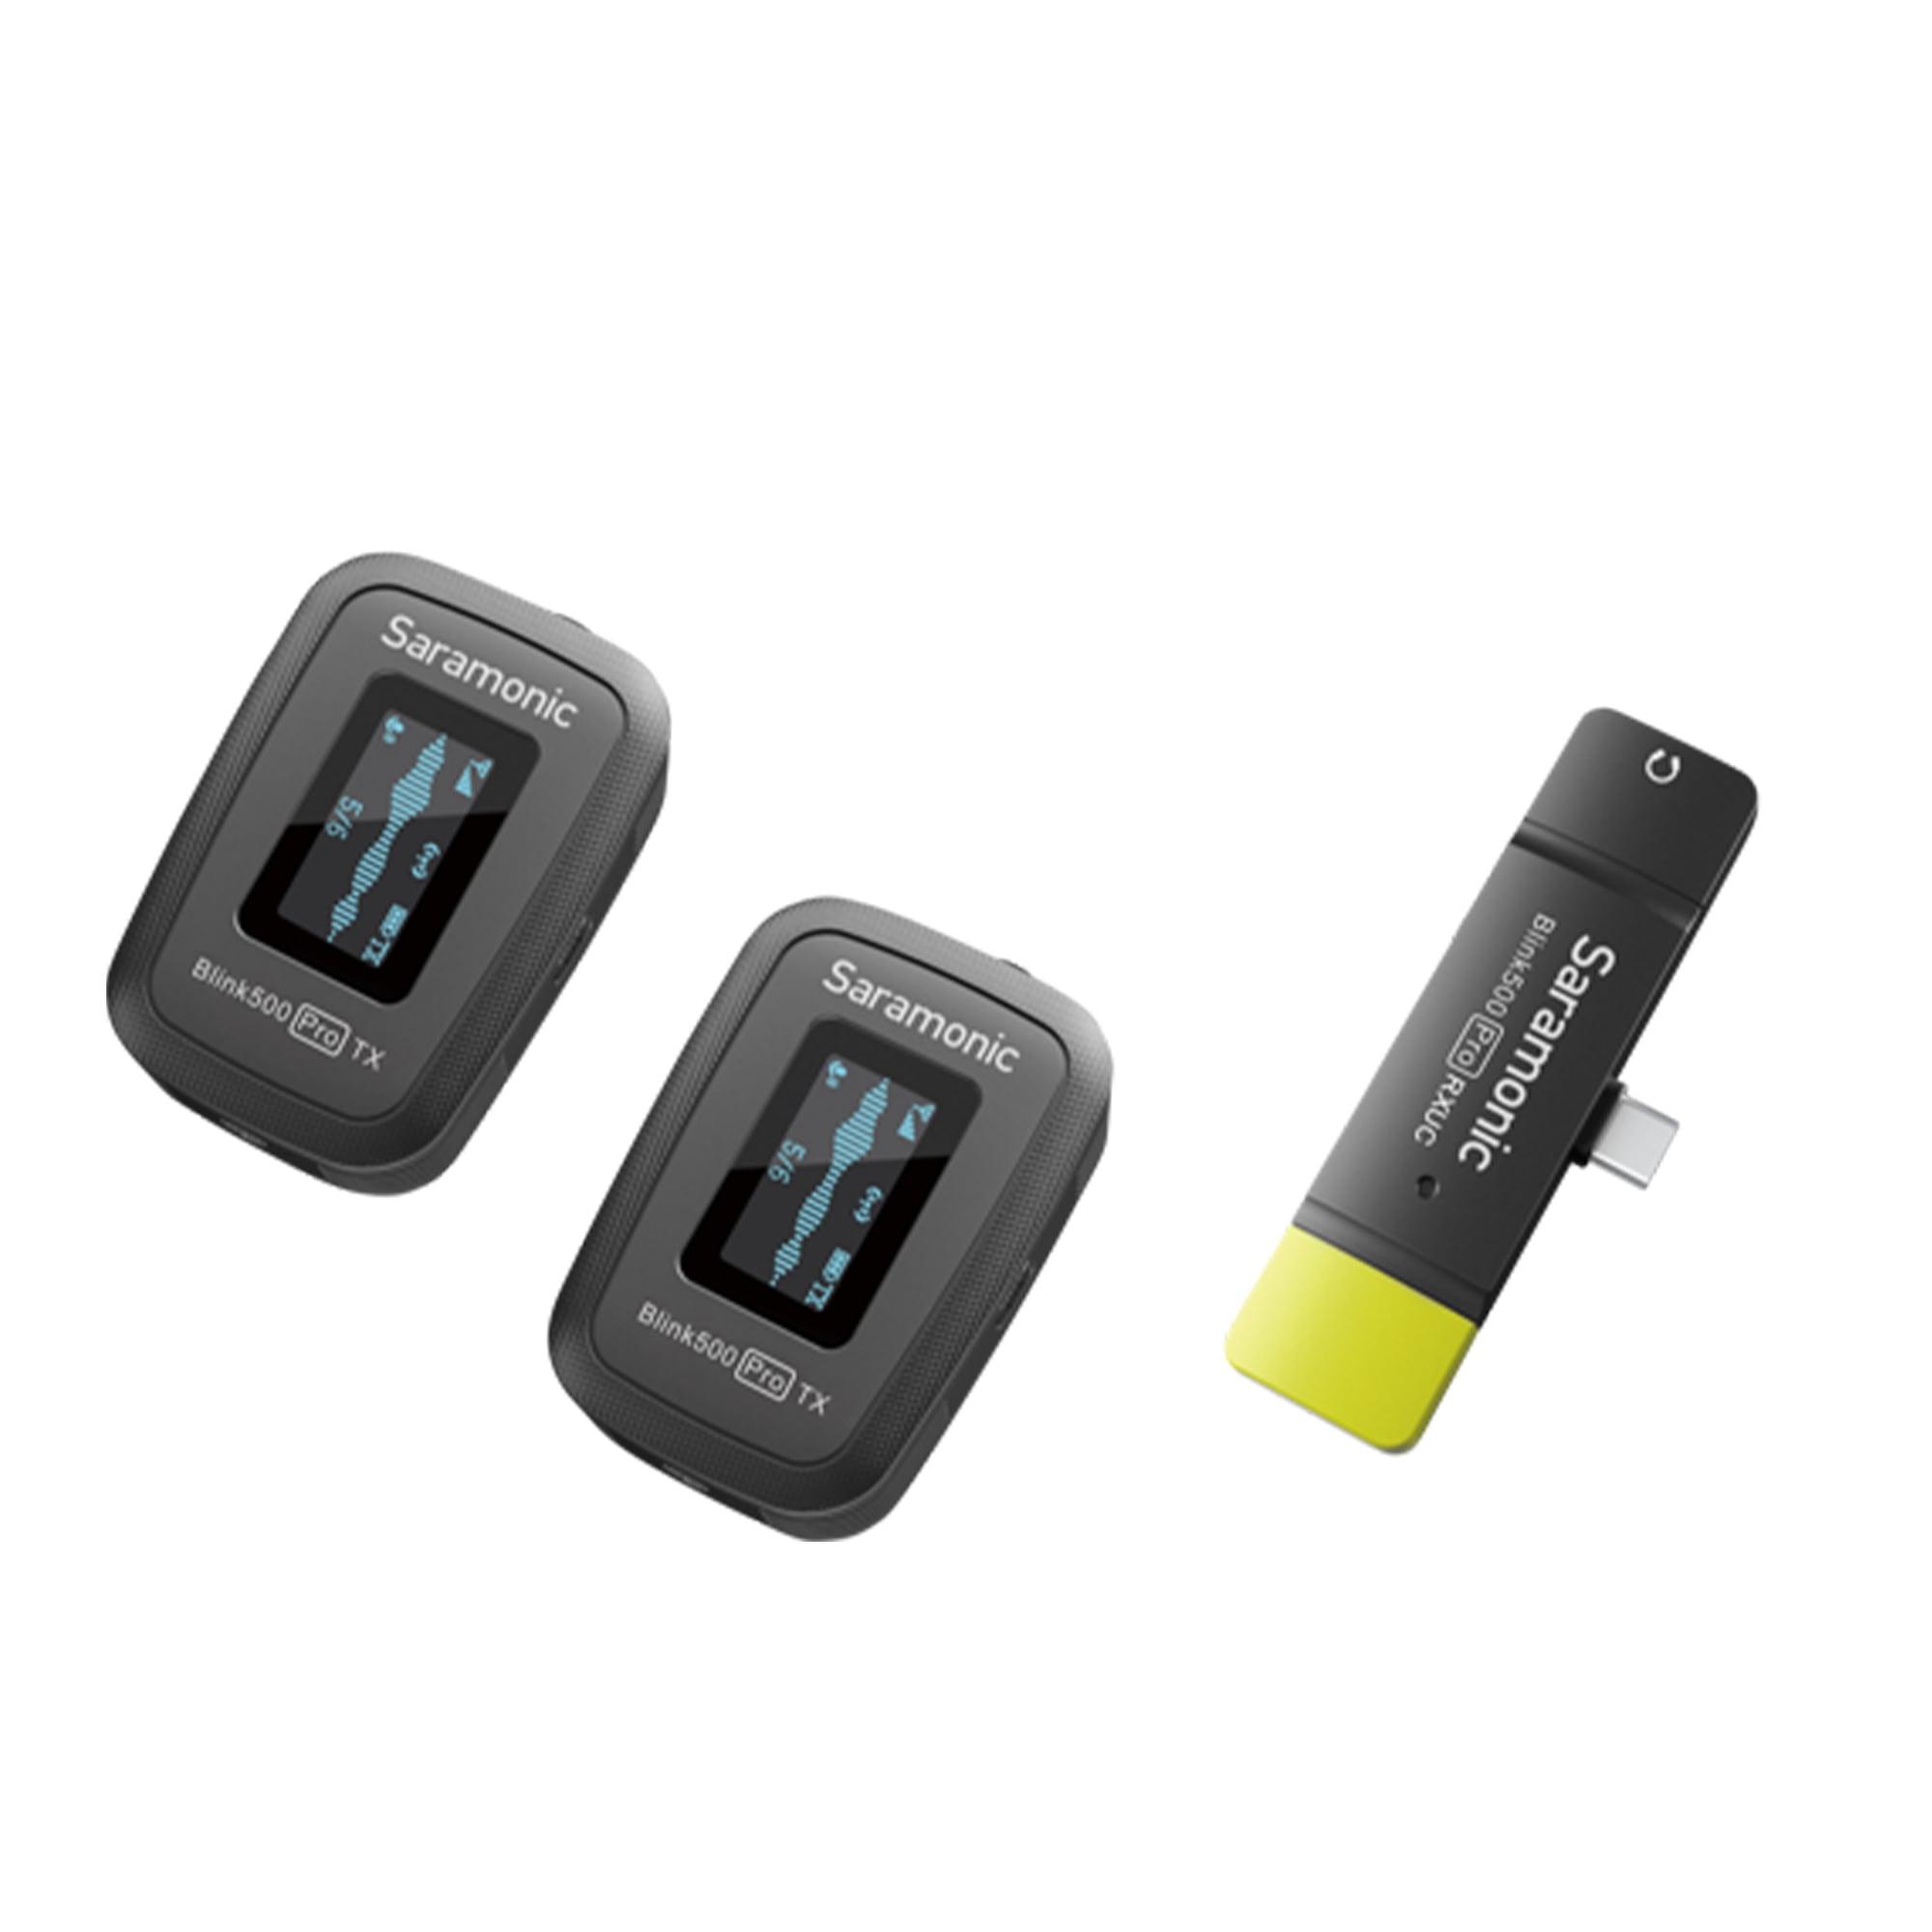 Saramonic Blink 500 Pro B6 2,4GHz wireless w/ USB-C